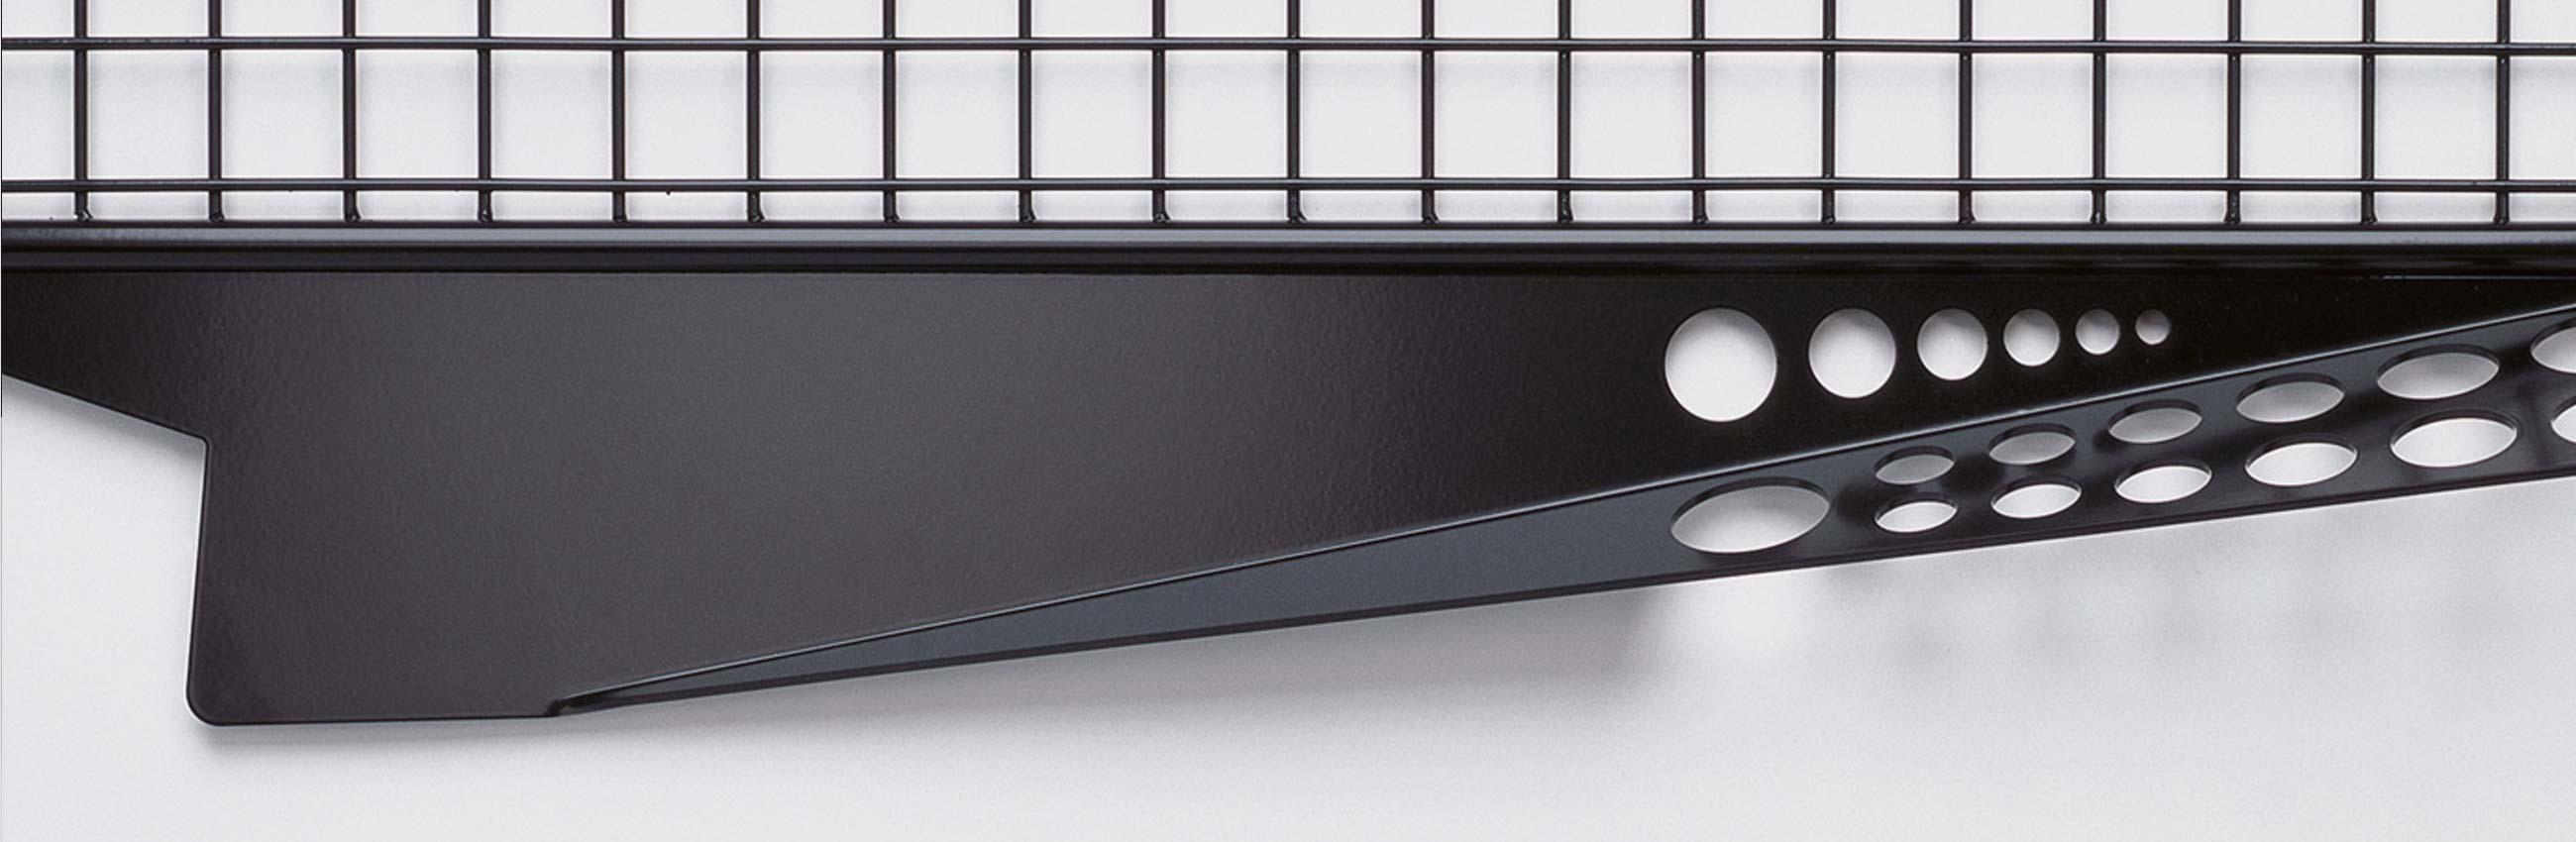 Volkswagen protective grille